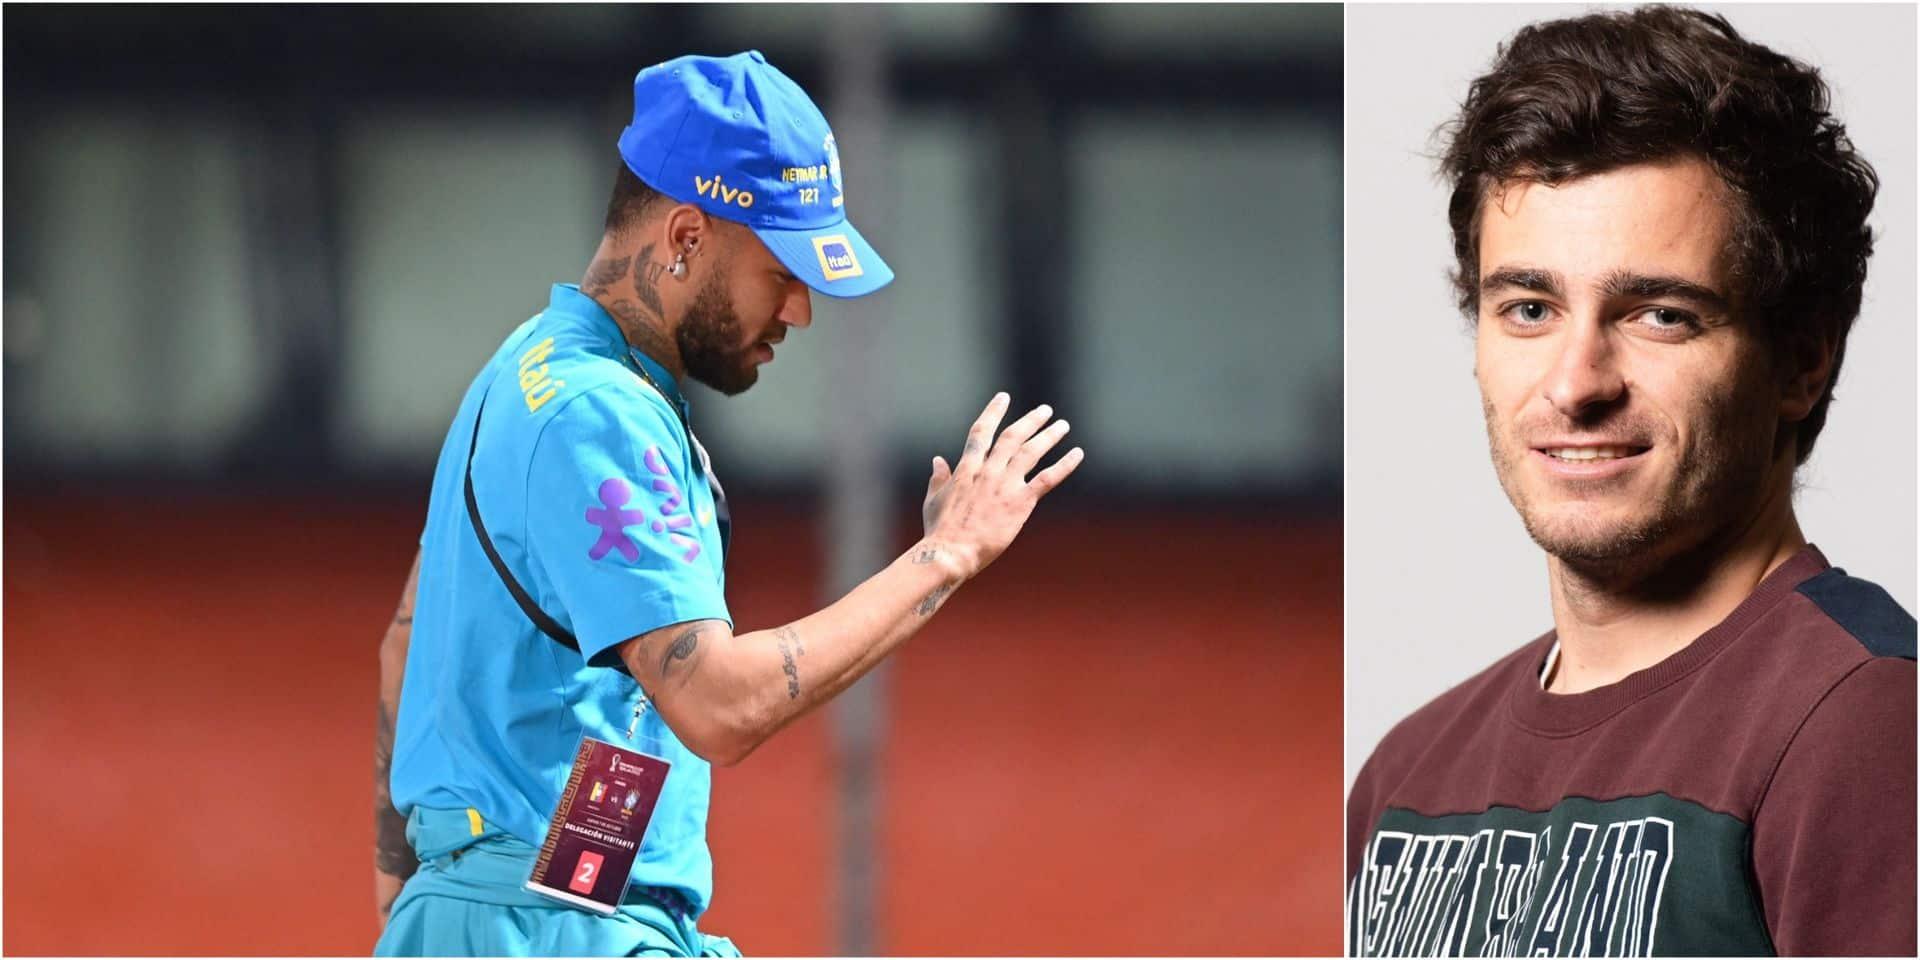 La dernière humeur: Neymar a aussi le droit de craquer mentalement